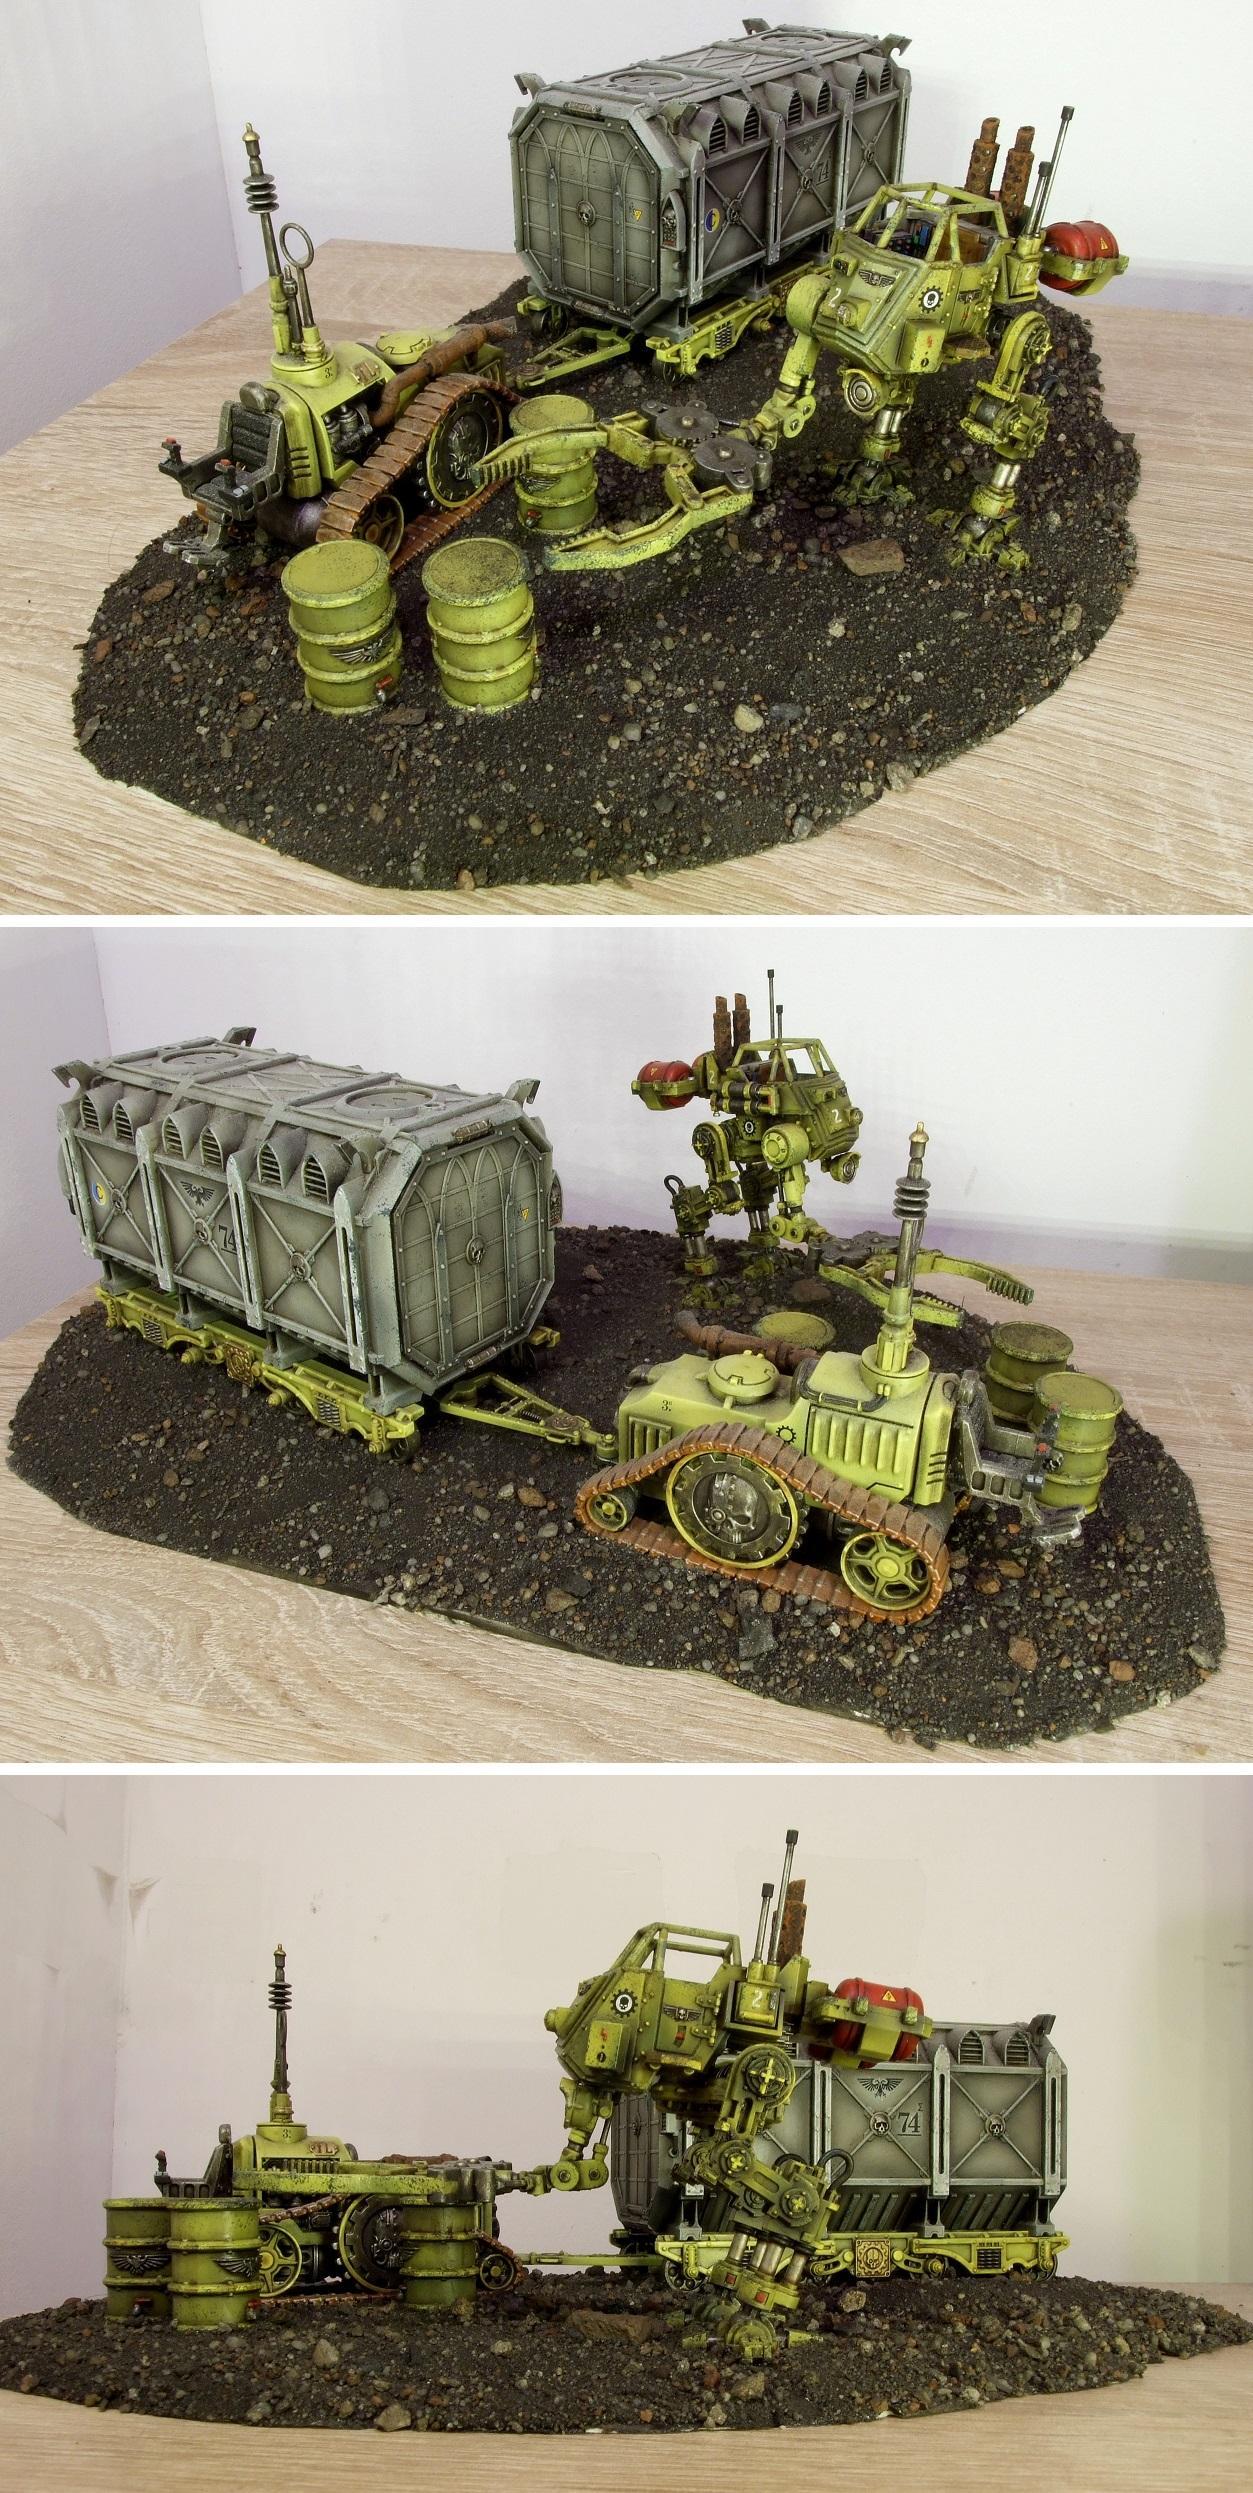 Container, Industrial, Sentinel, Terrain, Warhammer 40,000